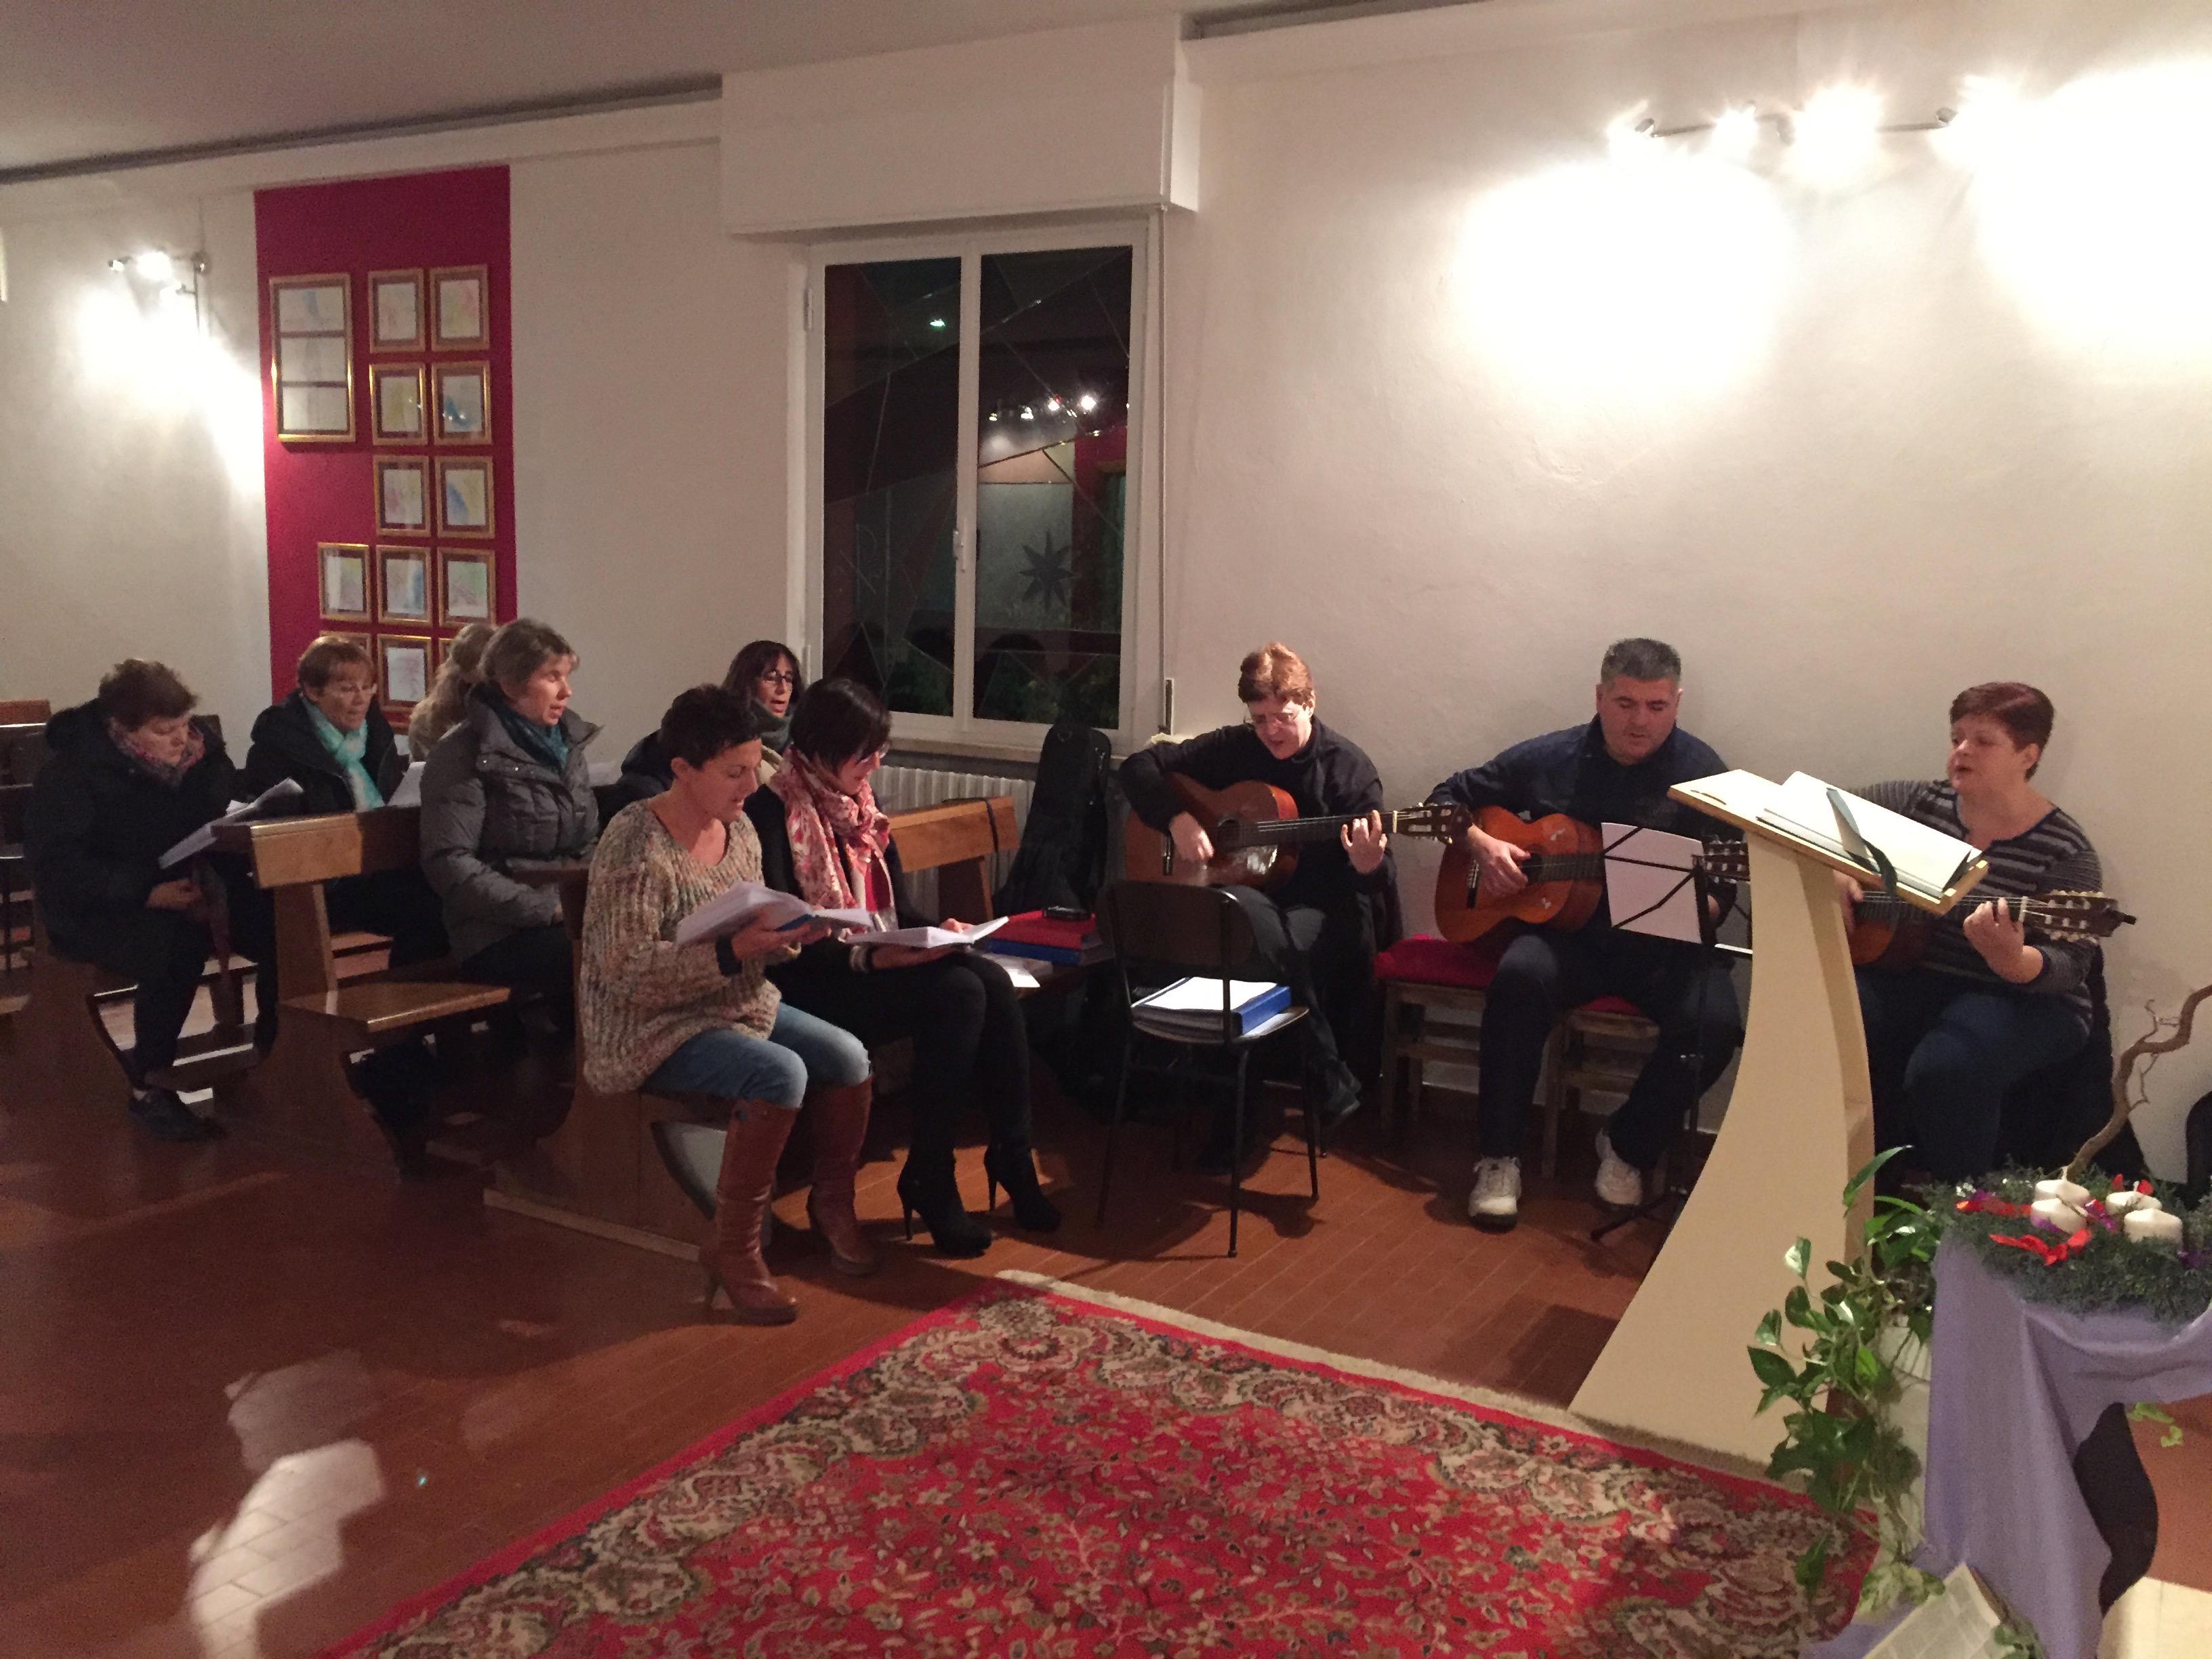 Prove coro con gli amici del Coro Sursm Corda